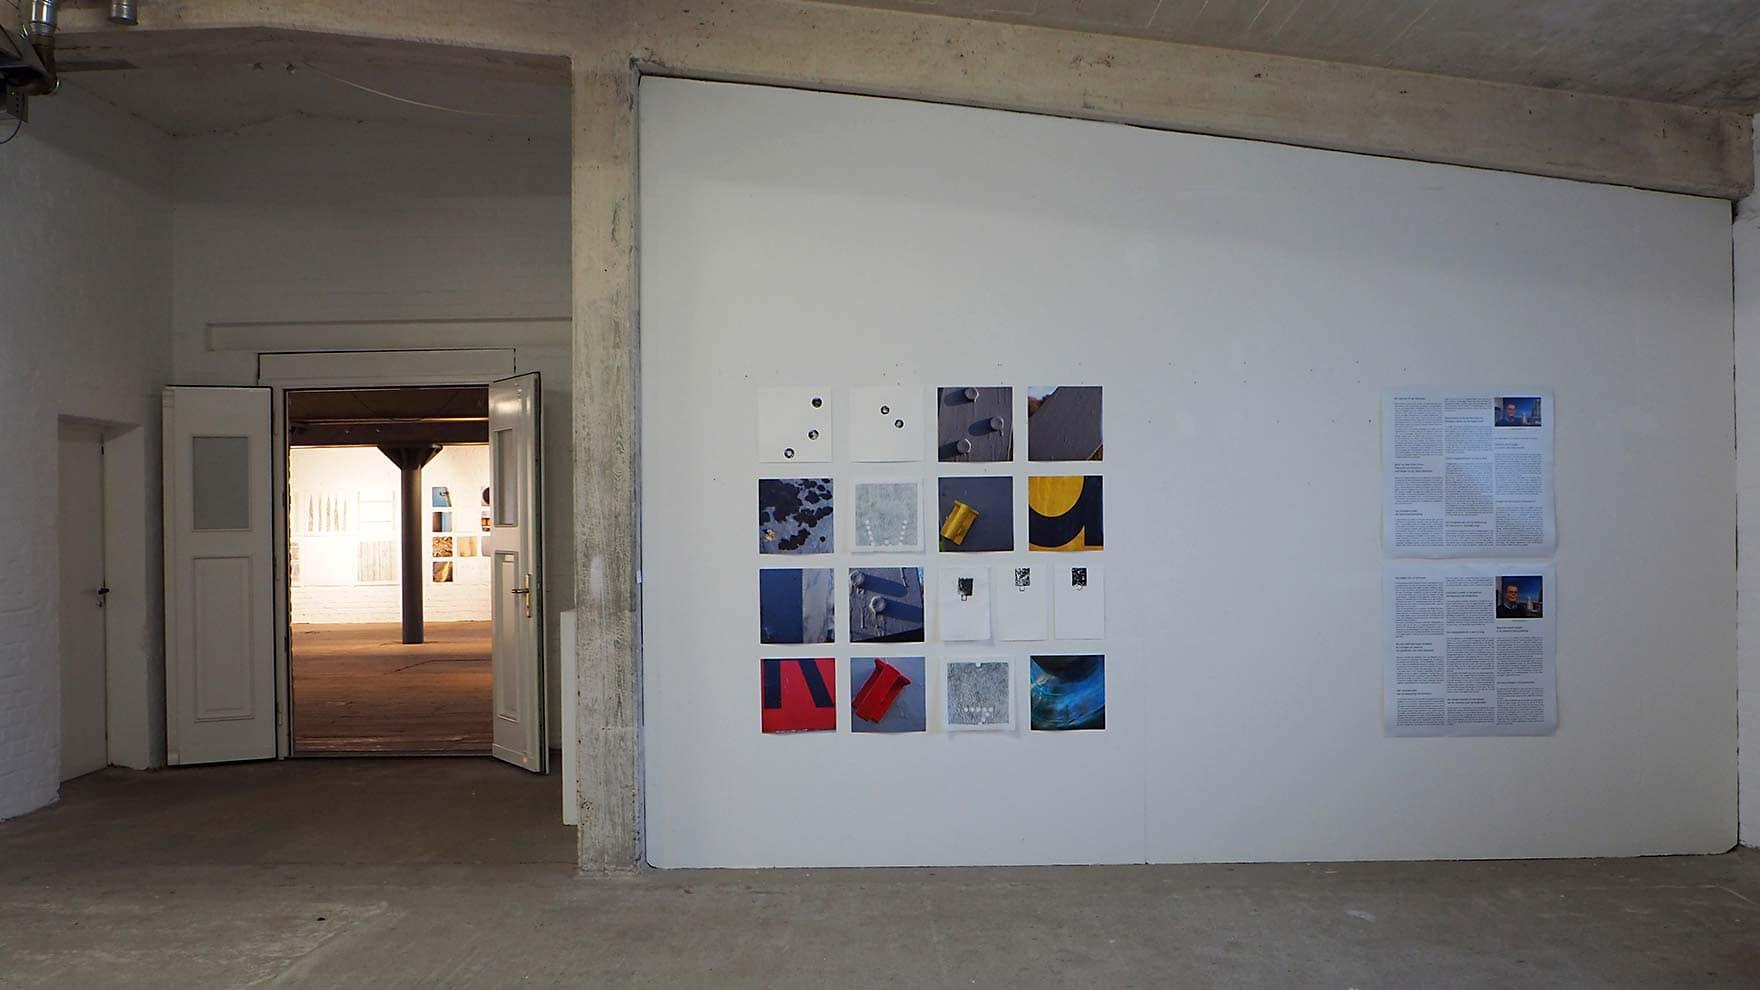 stroom Enschede - expositie in Kulturspeicher Dörenthe; inktdrukken op ertspapier en wenzhou, frottages op wenzhou, foto's en interviewteksten